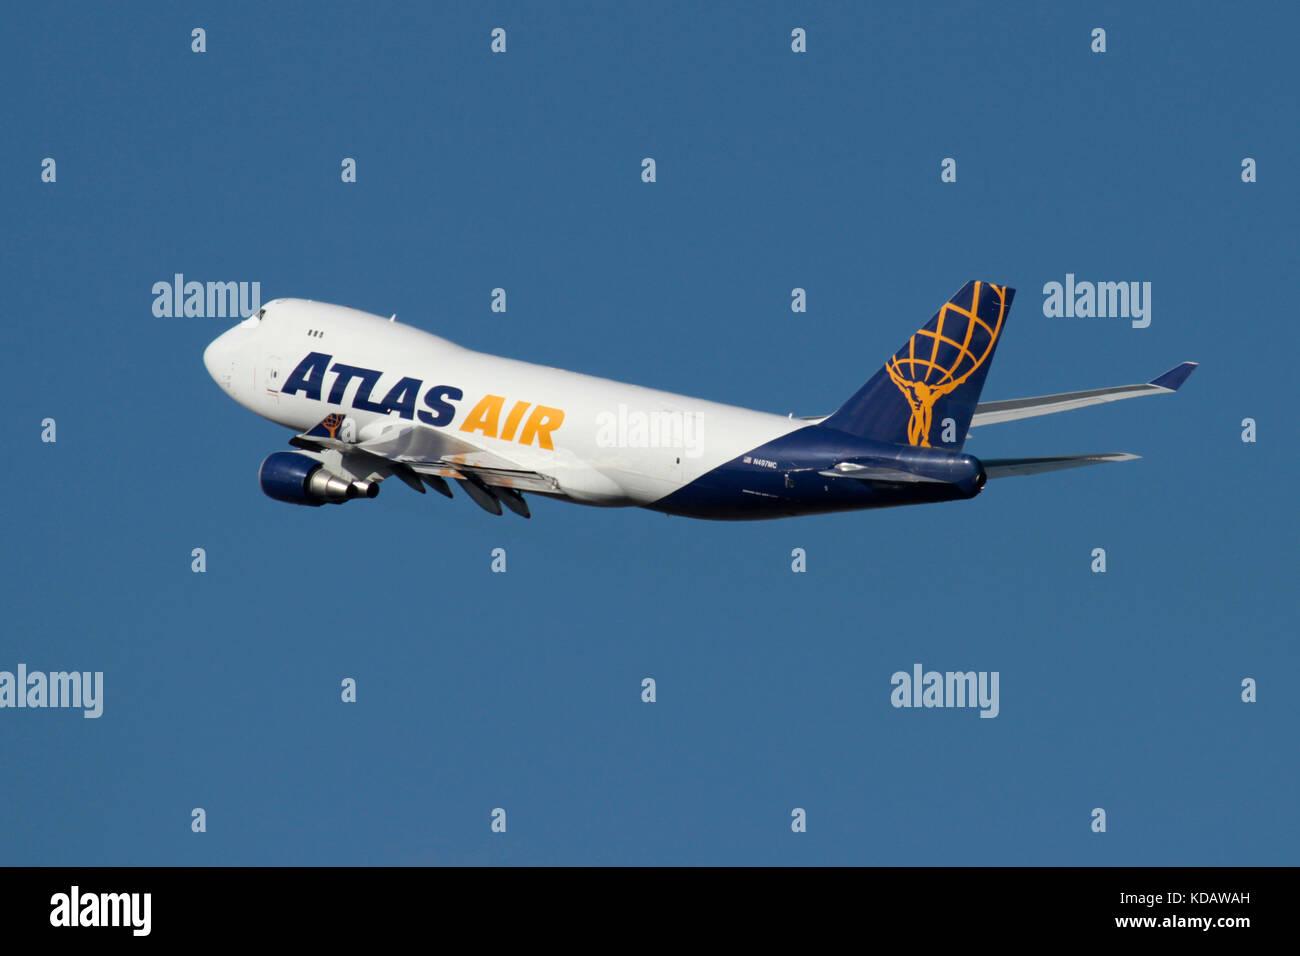 Atlas Air Boeing 747-400 F cargo jet avion en vol contre un